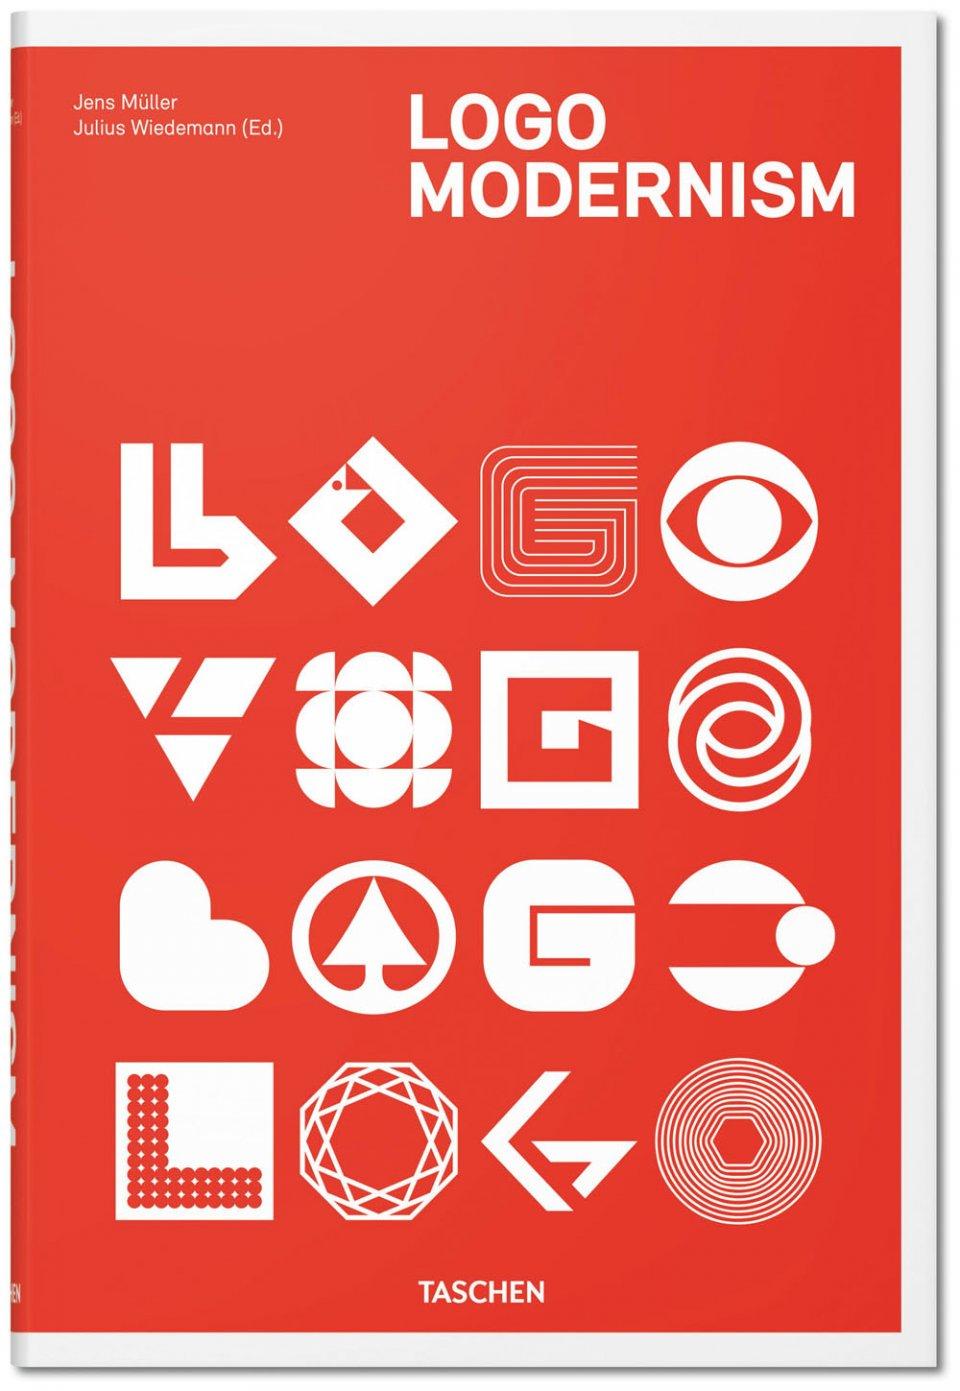 logo_modernism_ju_int_3d_02879_1509071705_id_993915